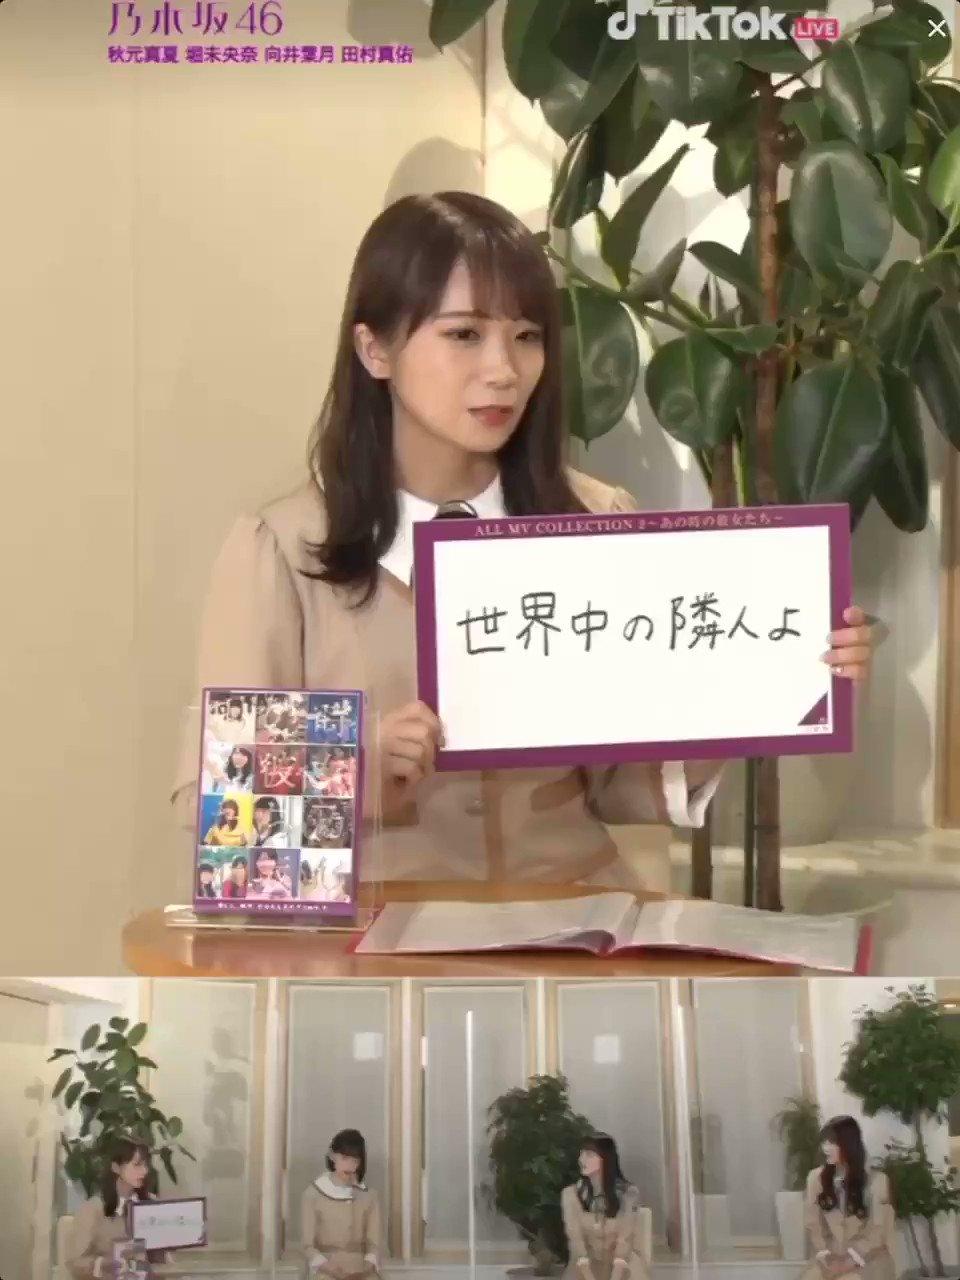 乃木坂46 TikTok LIVE 秋元真夏